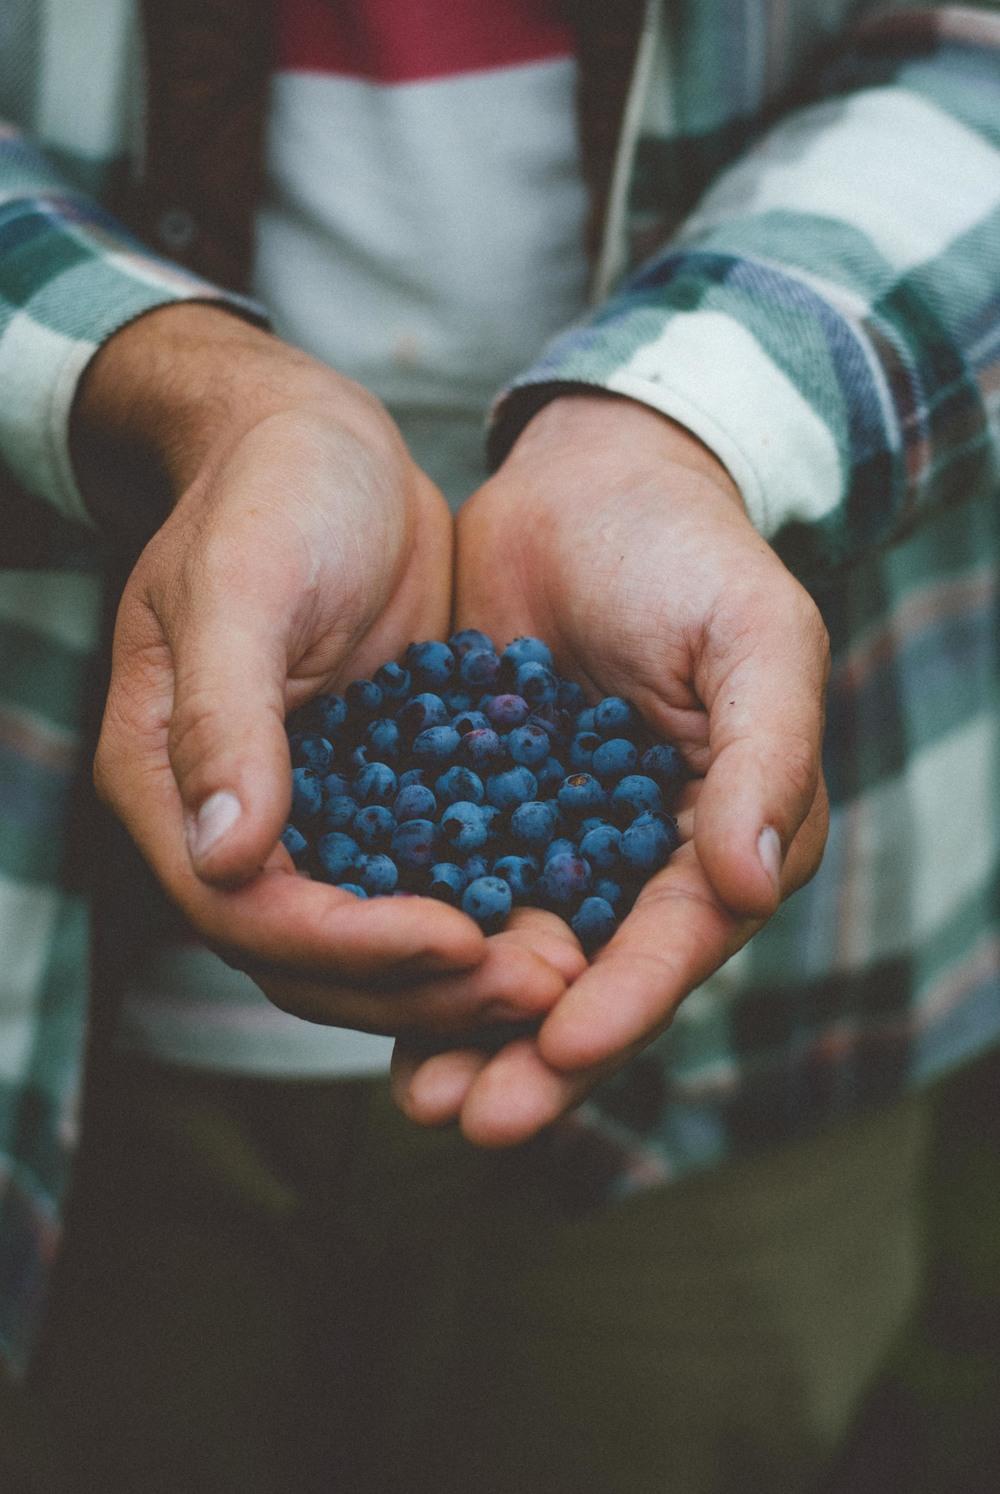 Foraged Blueberries